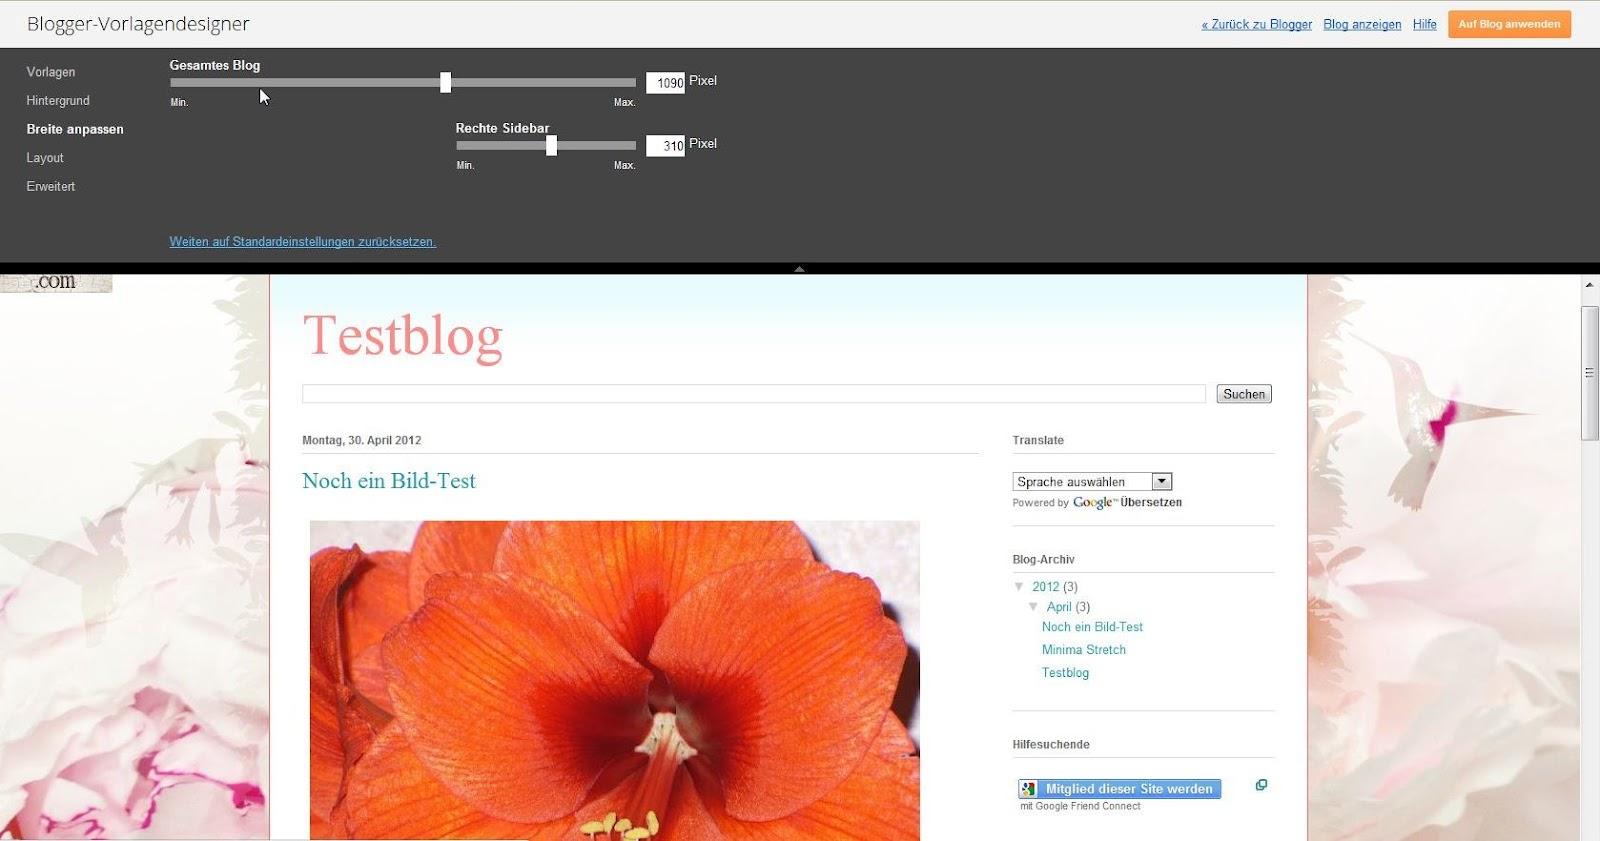 Fantastisch Blogger Vorlagen Designer Zeitgenössisch ...